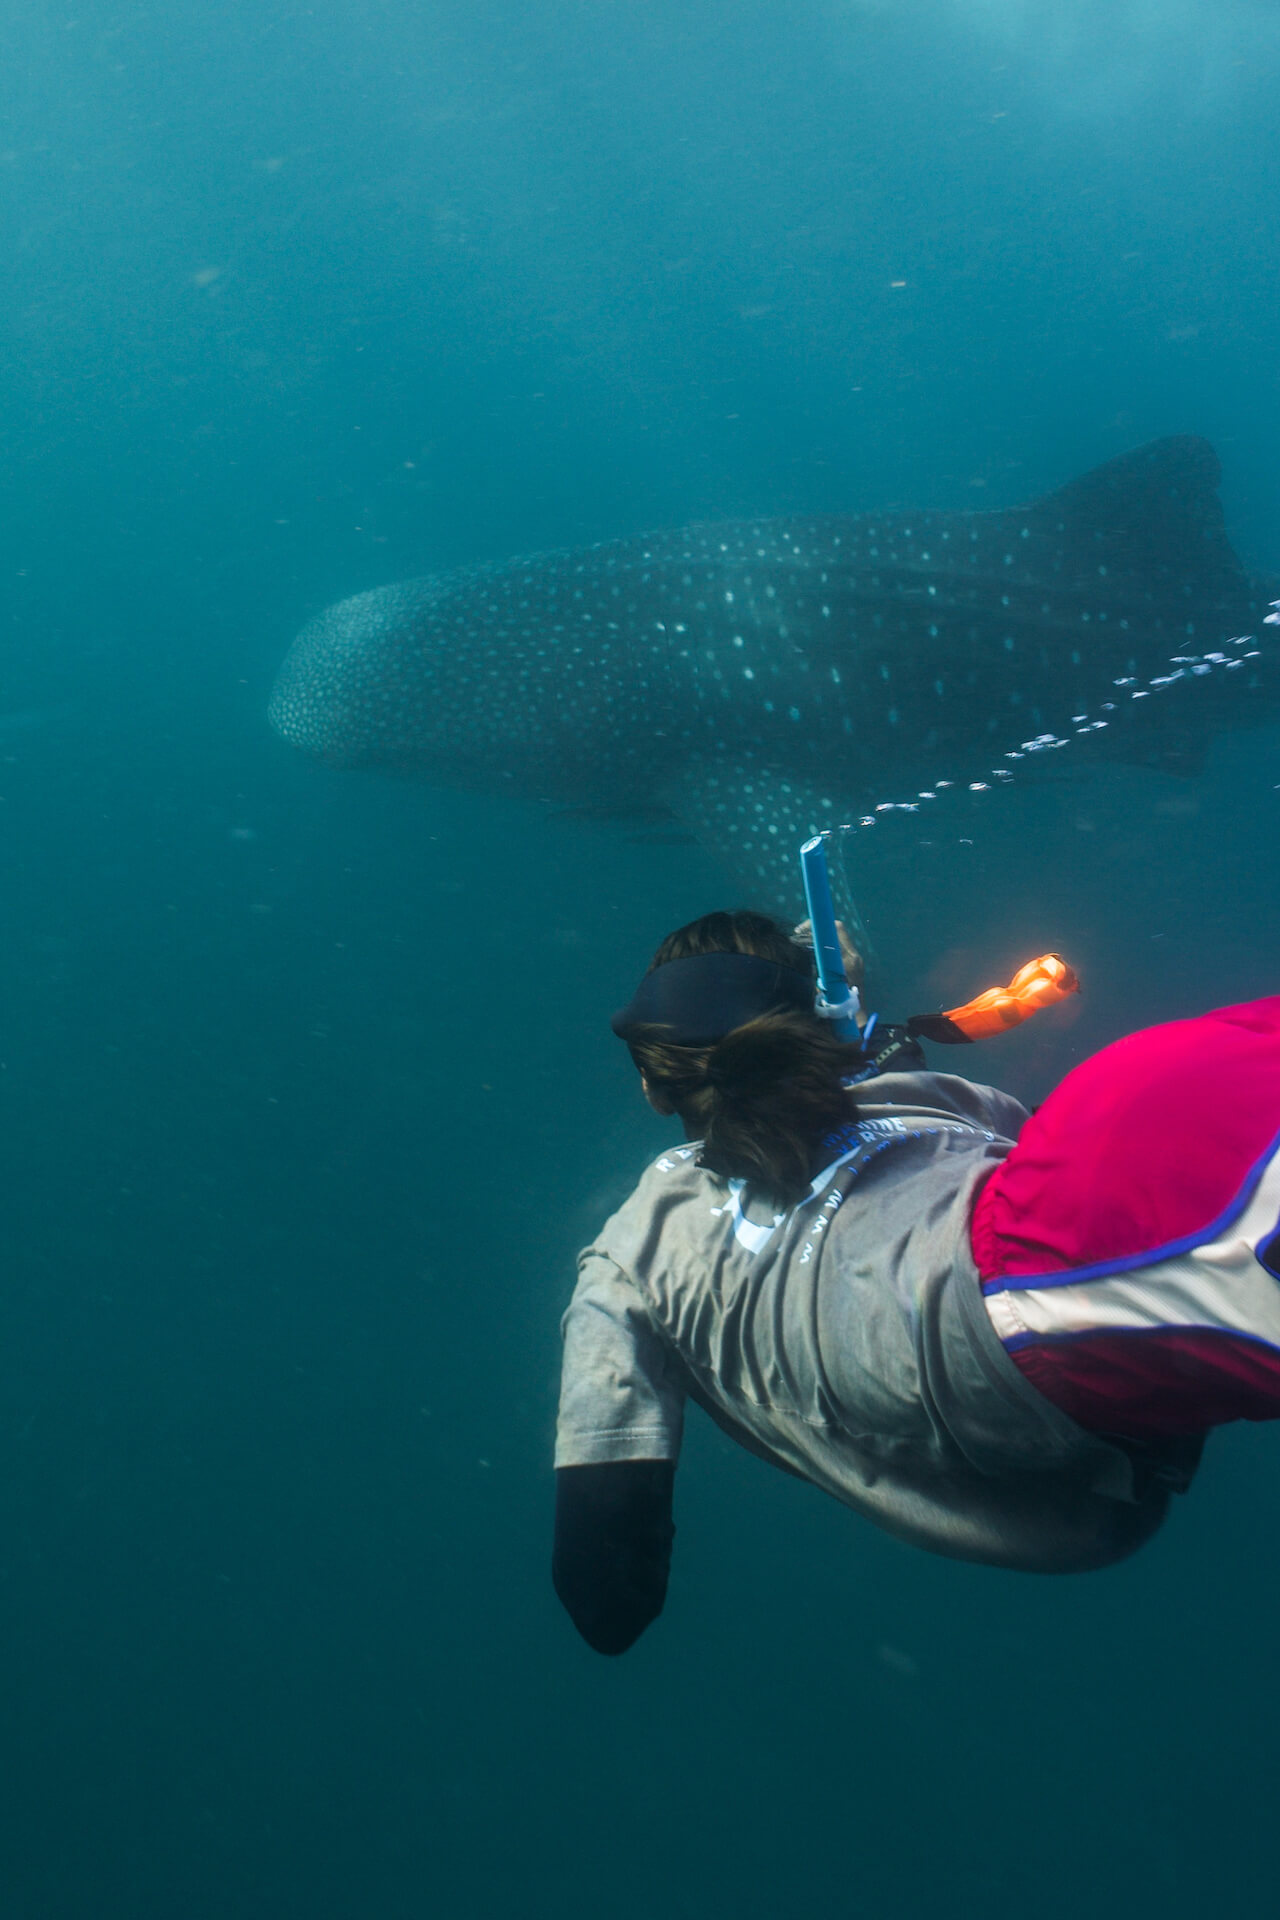 Ariana Agustines swims near a whale shark